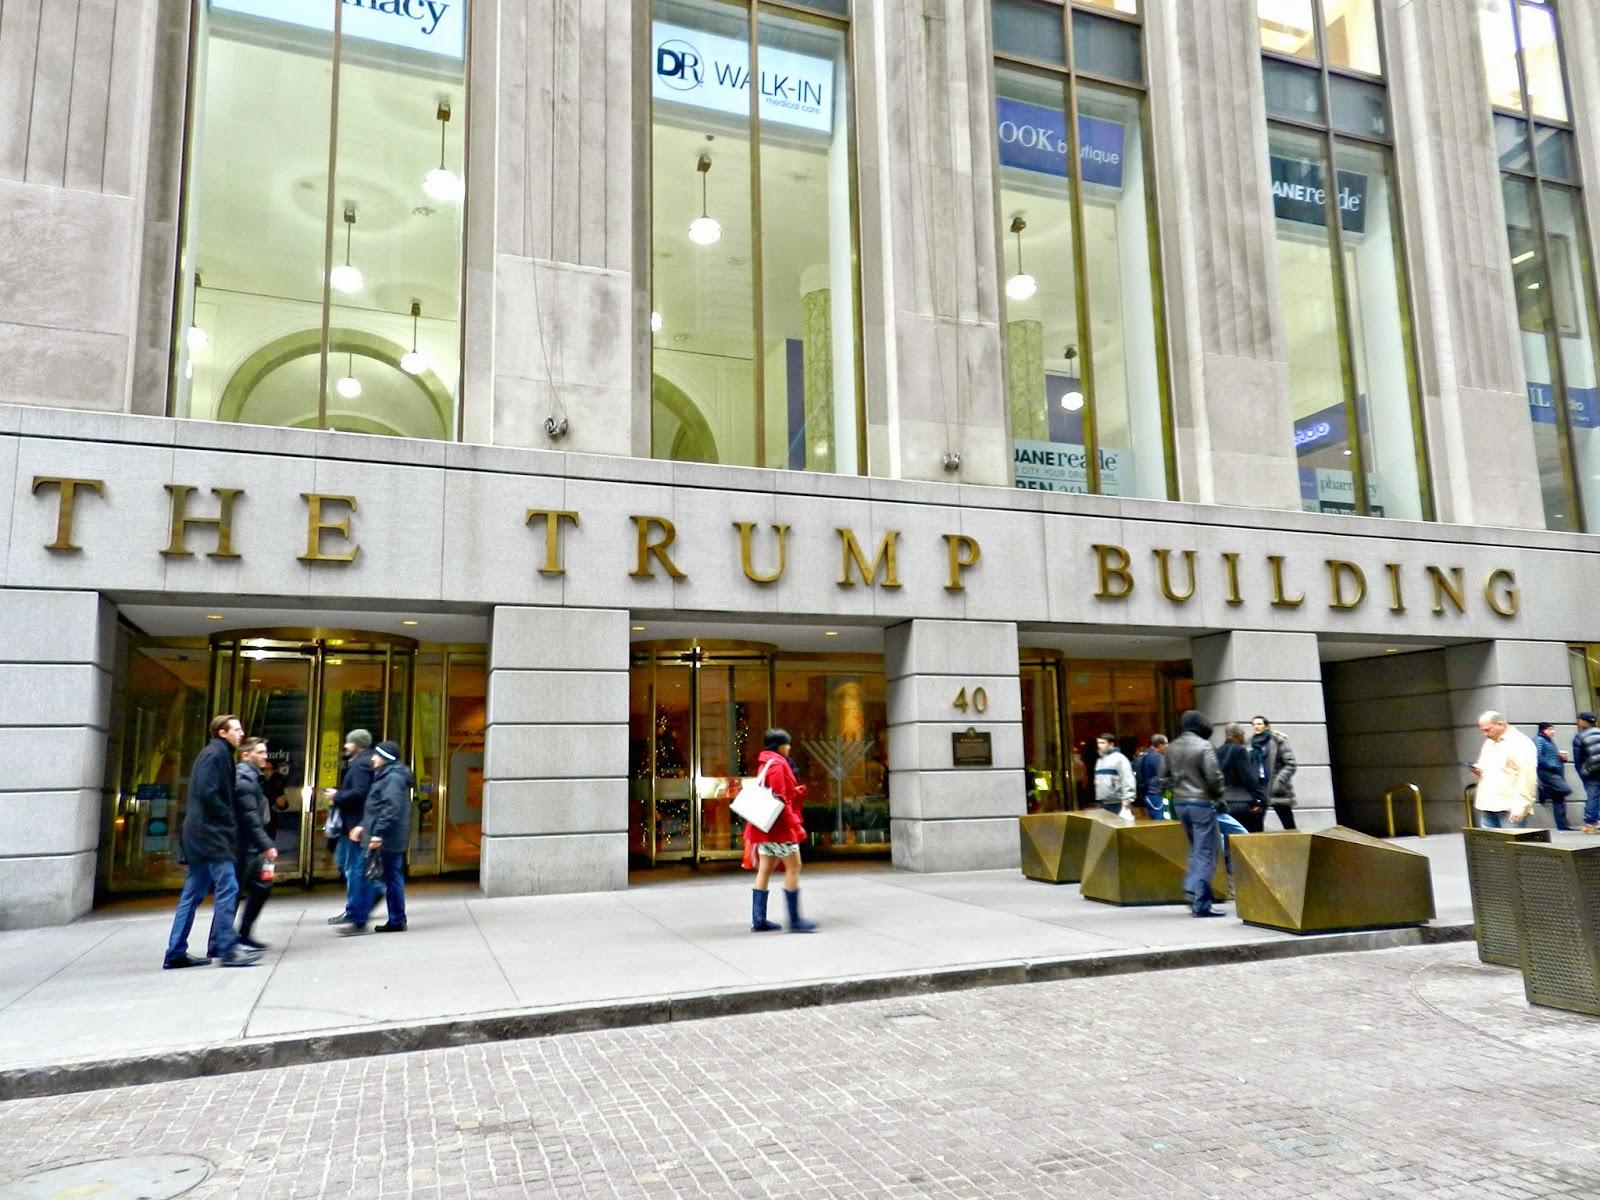 Trump Building New York